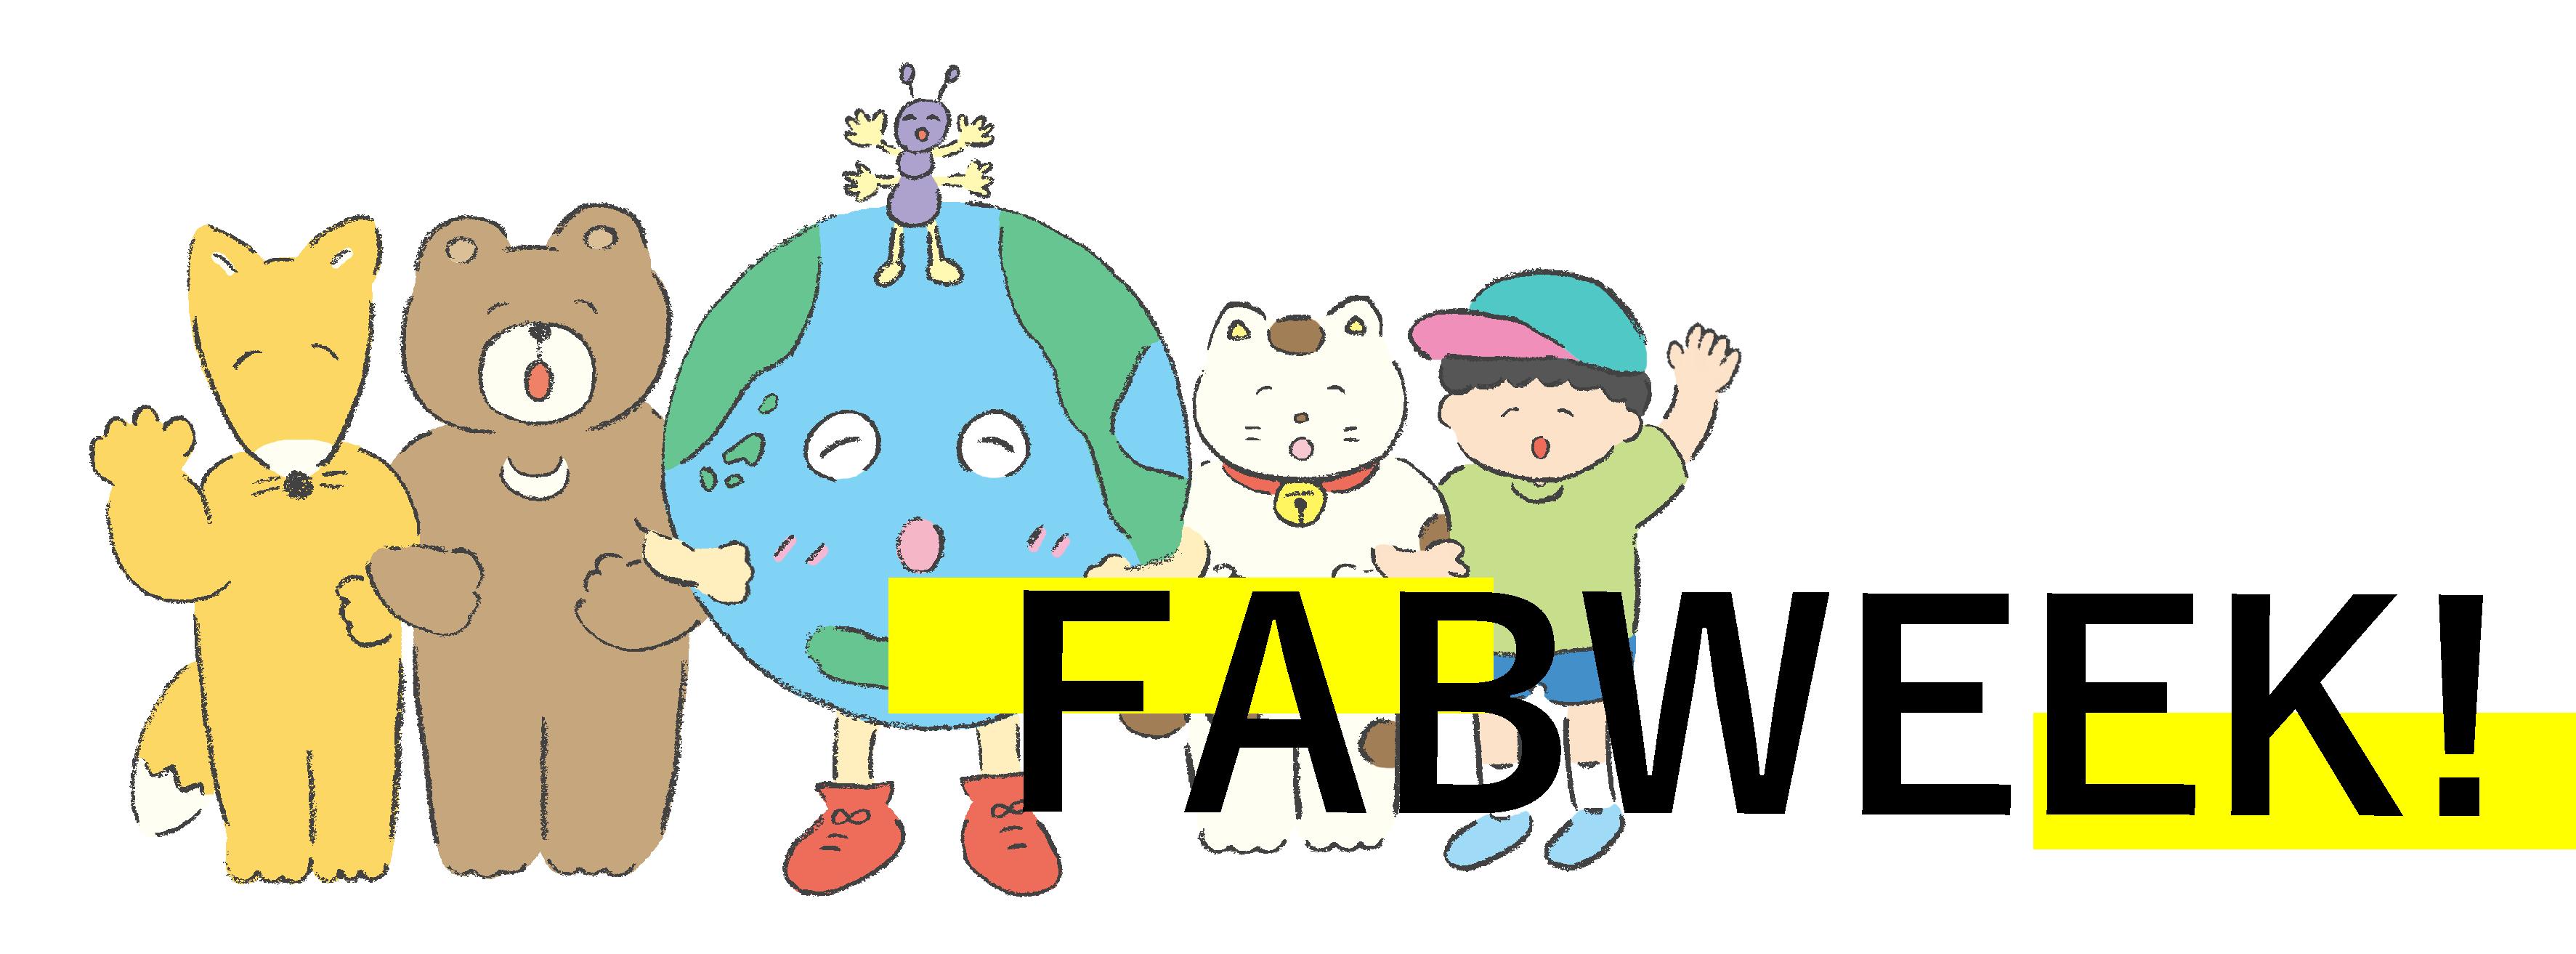 FABWEEK!